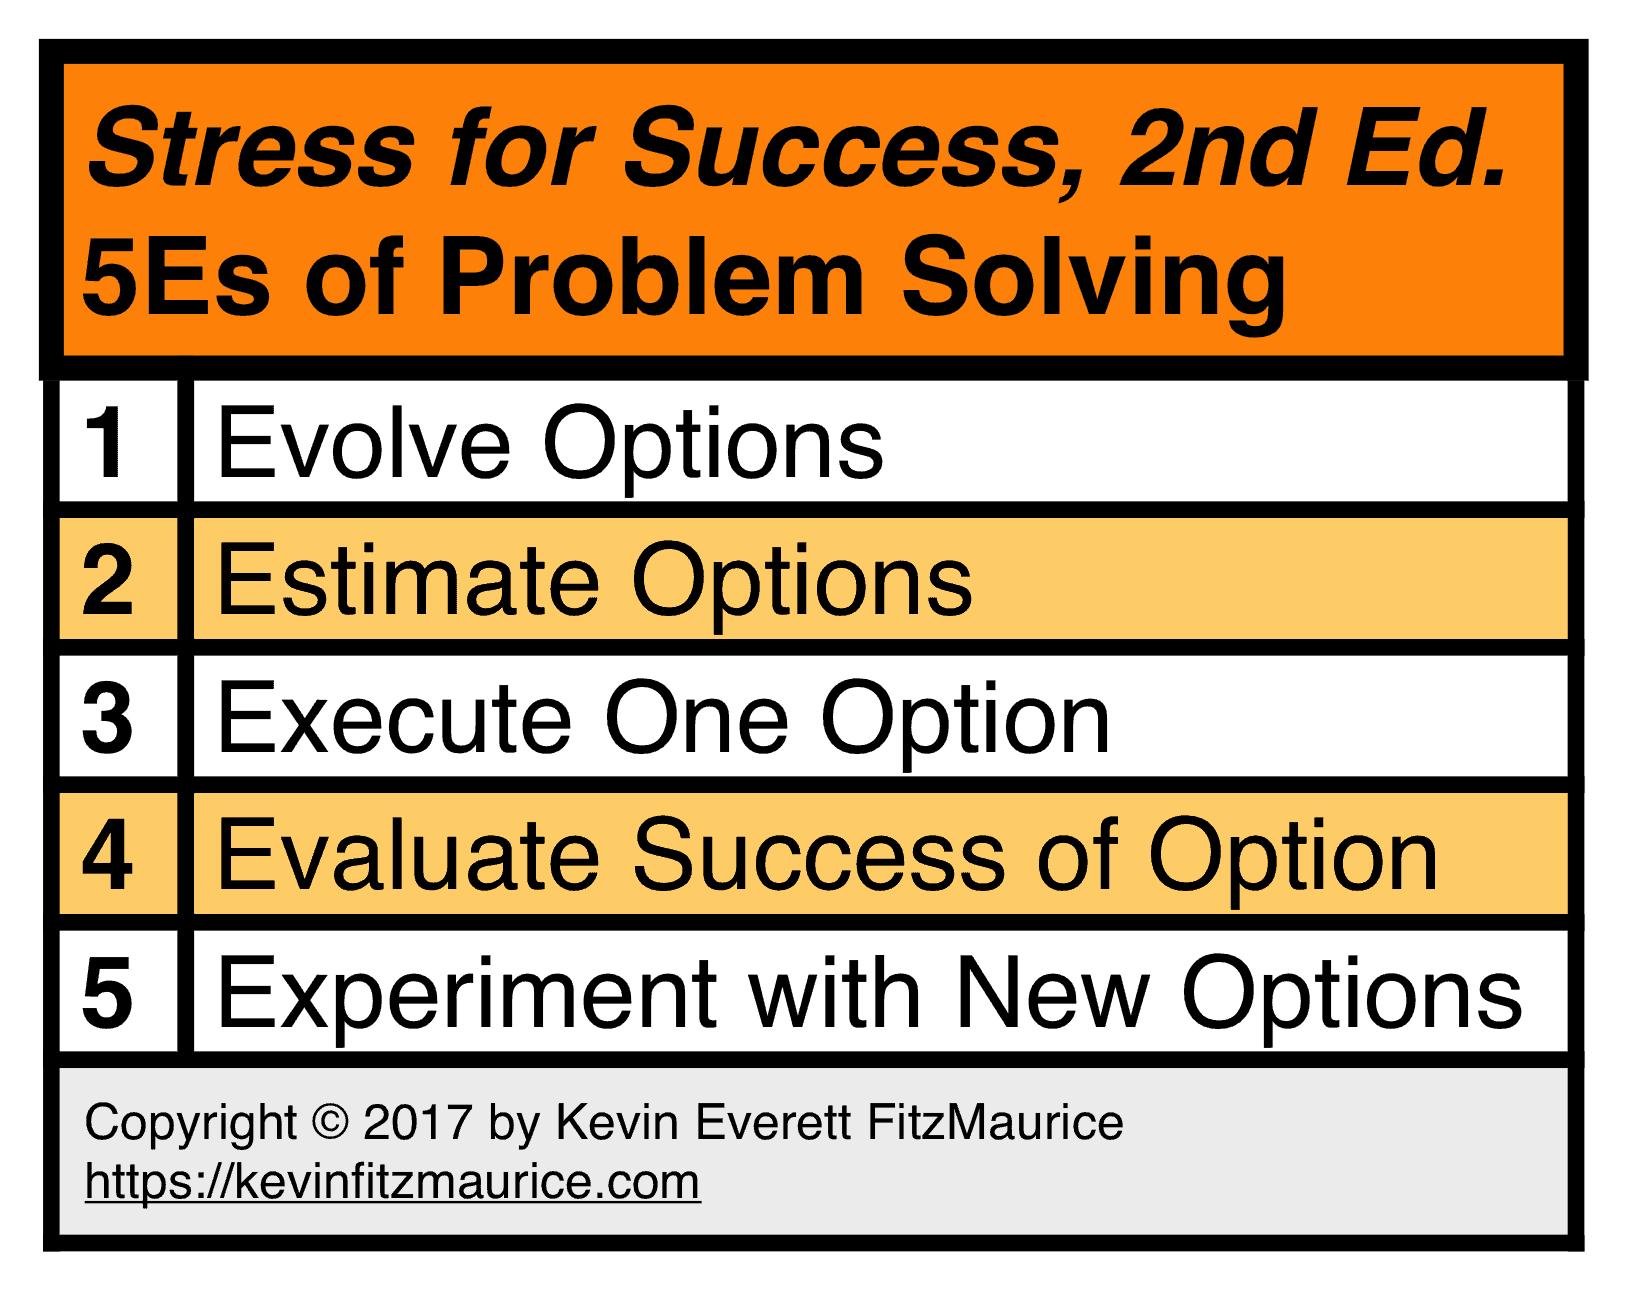 5Es of Problem Solving